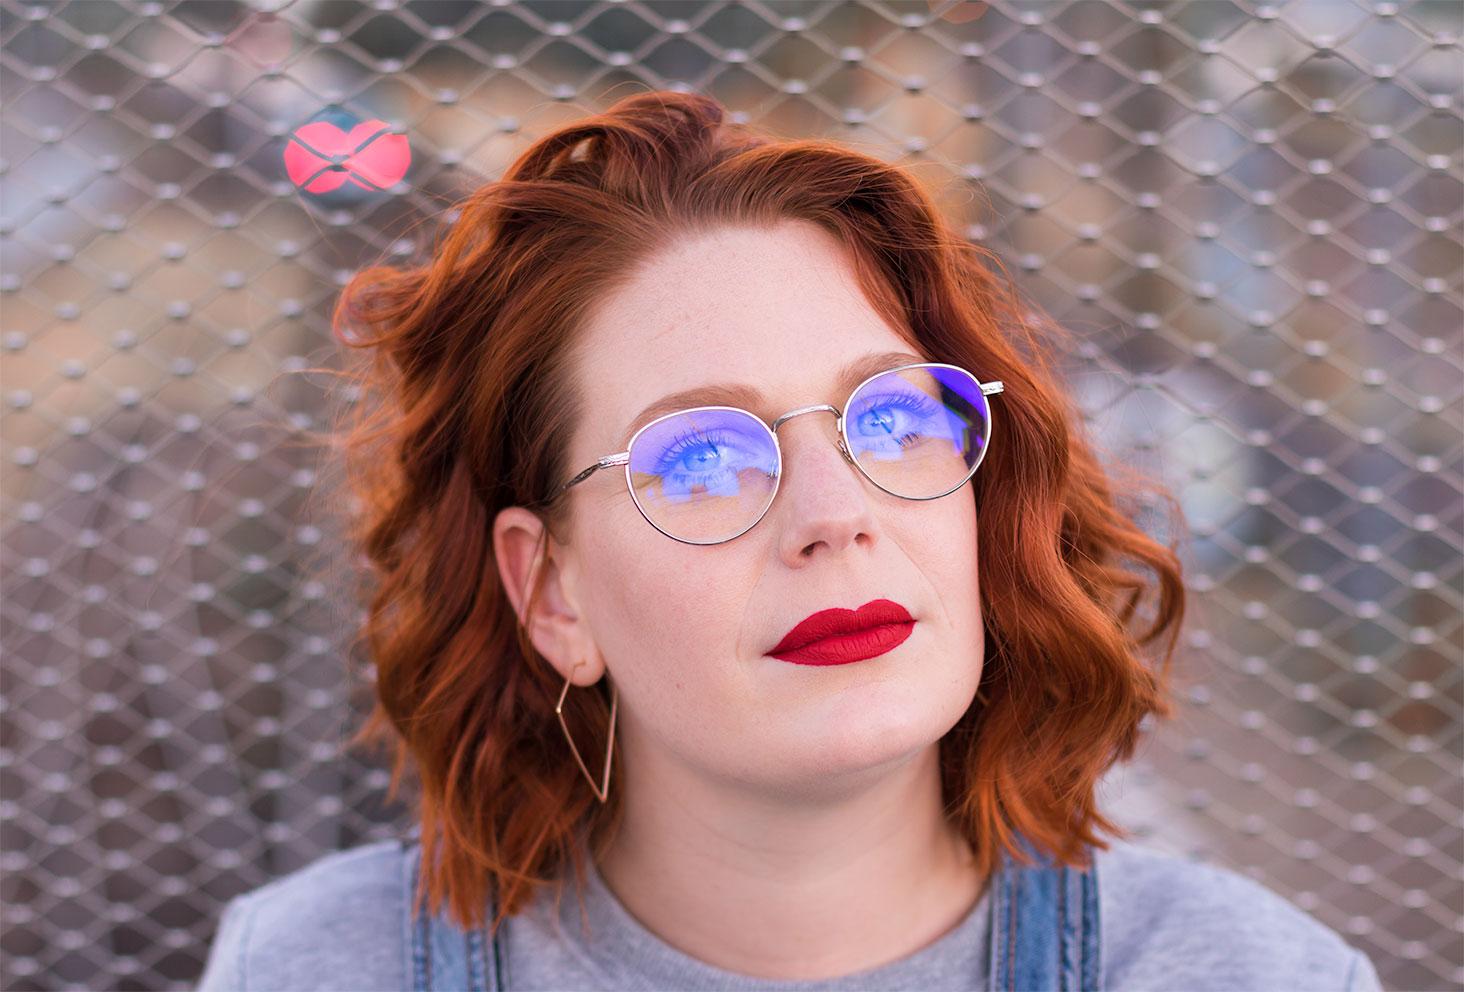 Lunette vintage et rouge à lèvres rouge, les cheveux bouclés, devant le grillage avec les lumières du train qui arrive